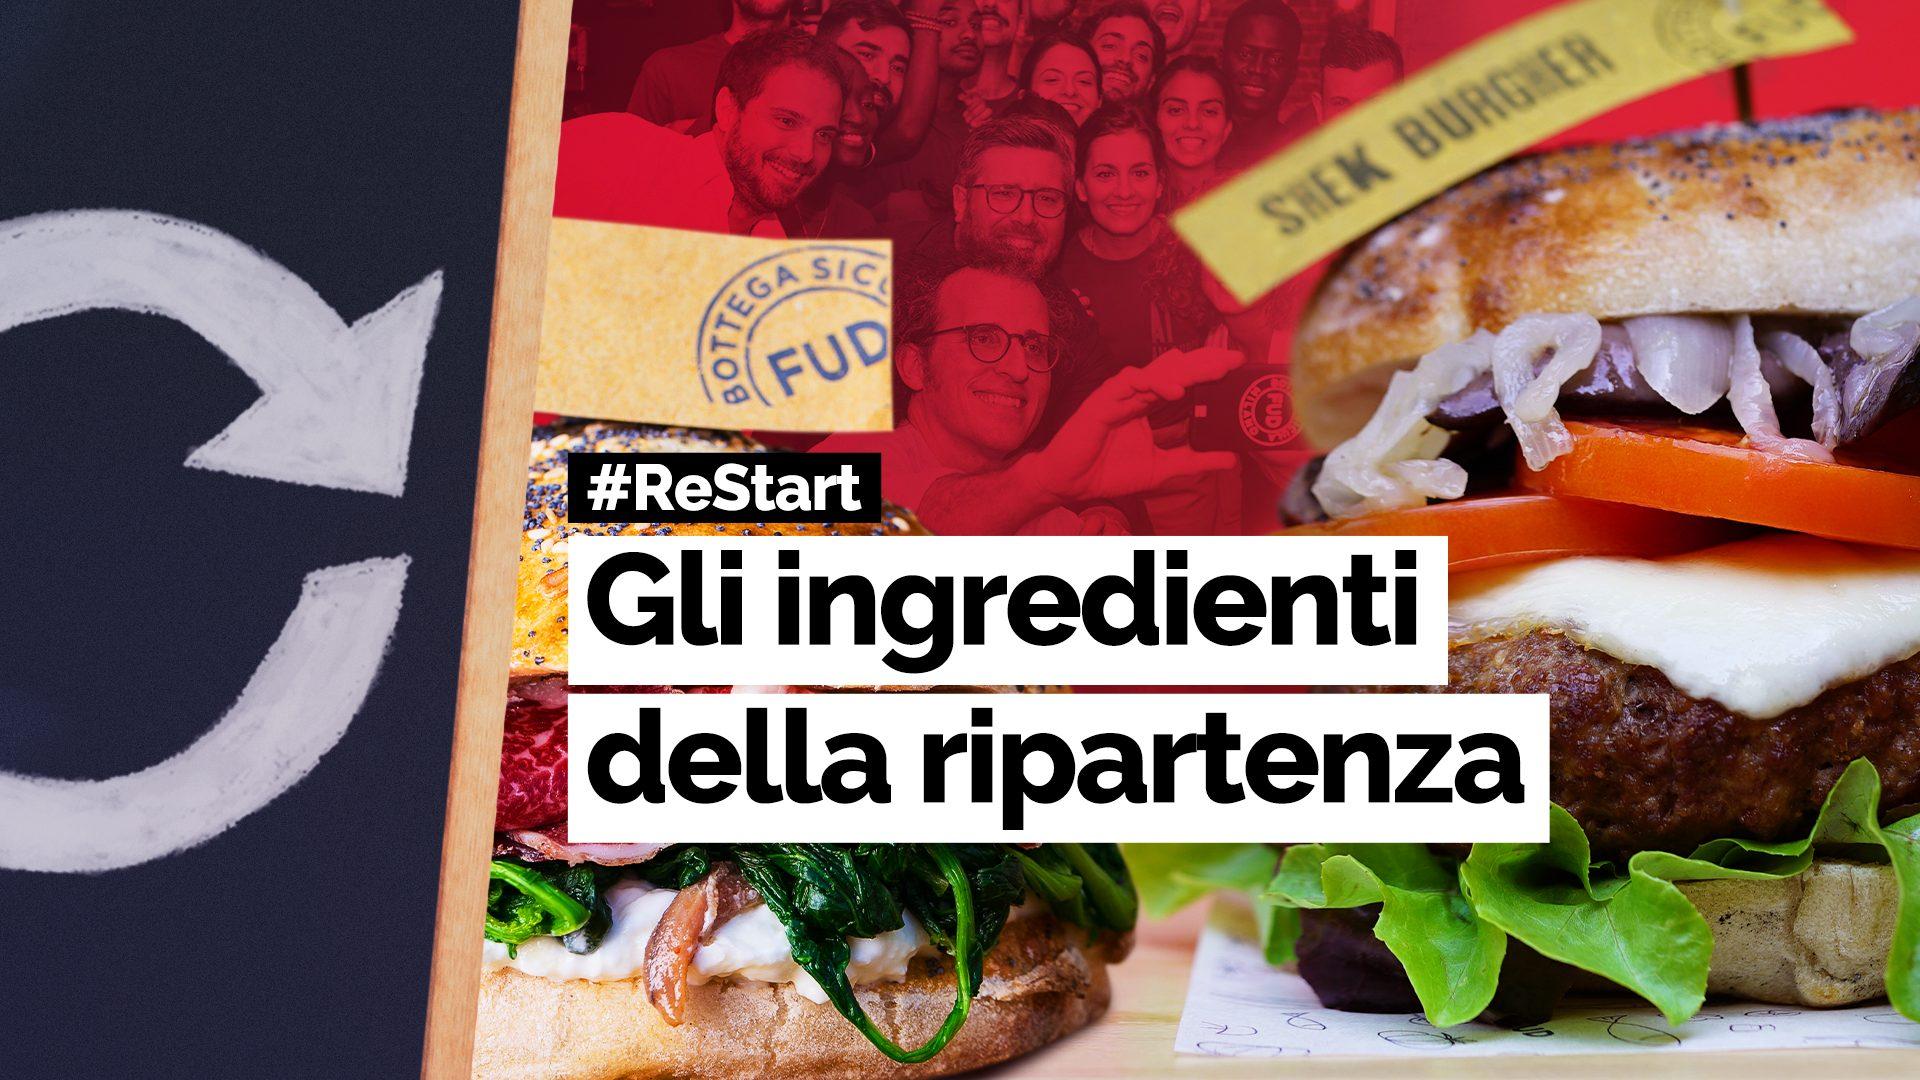 Investimenti, nuovi modelli di sviluppo, identità forte: il futuro secondo Andrea Graziano